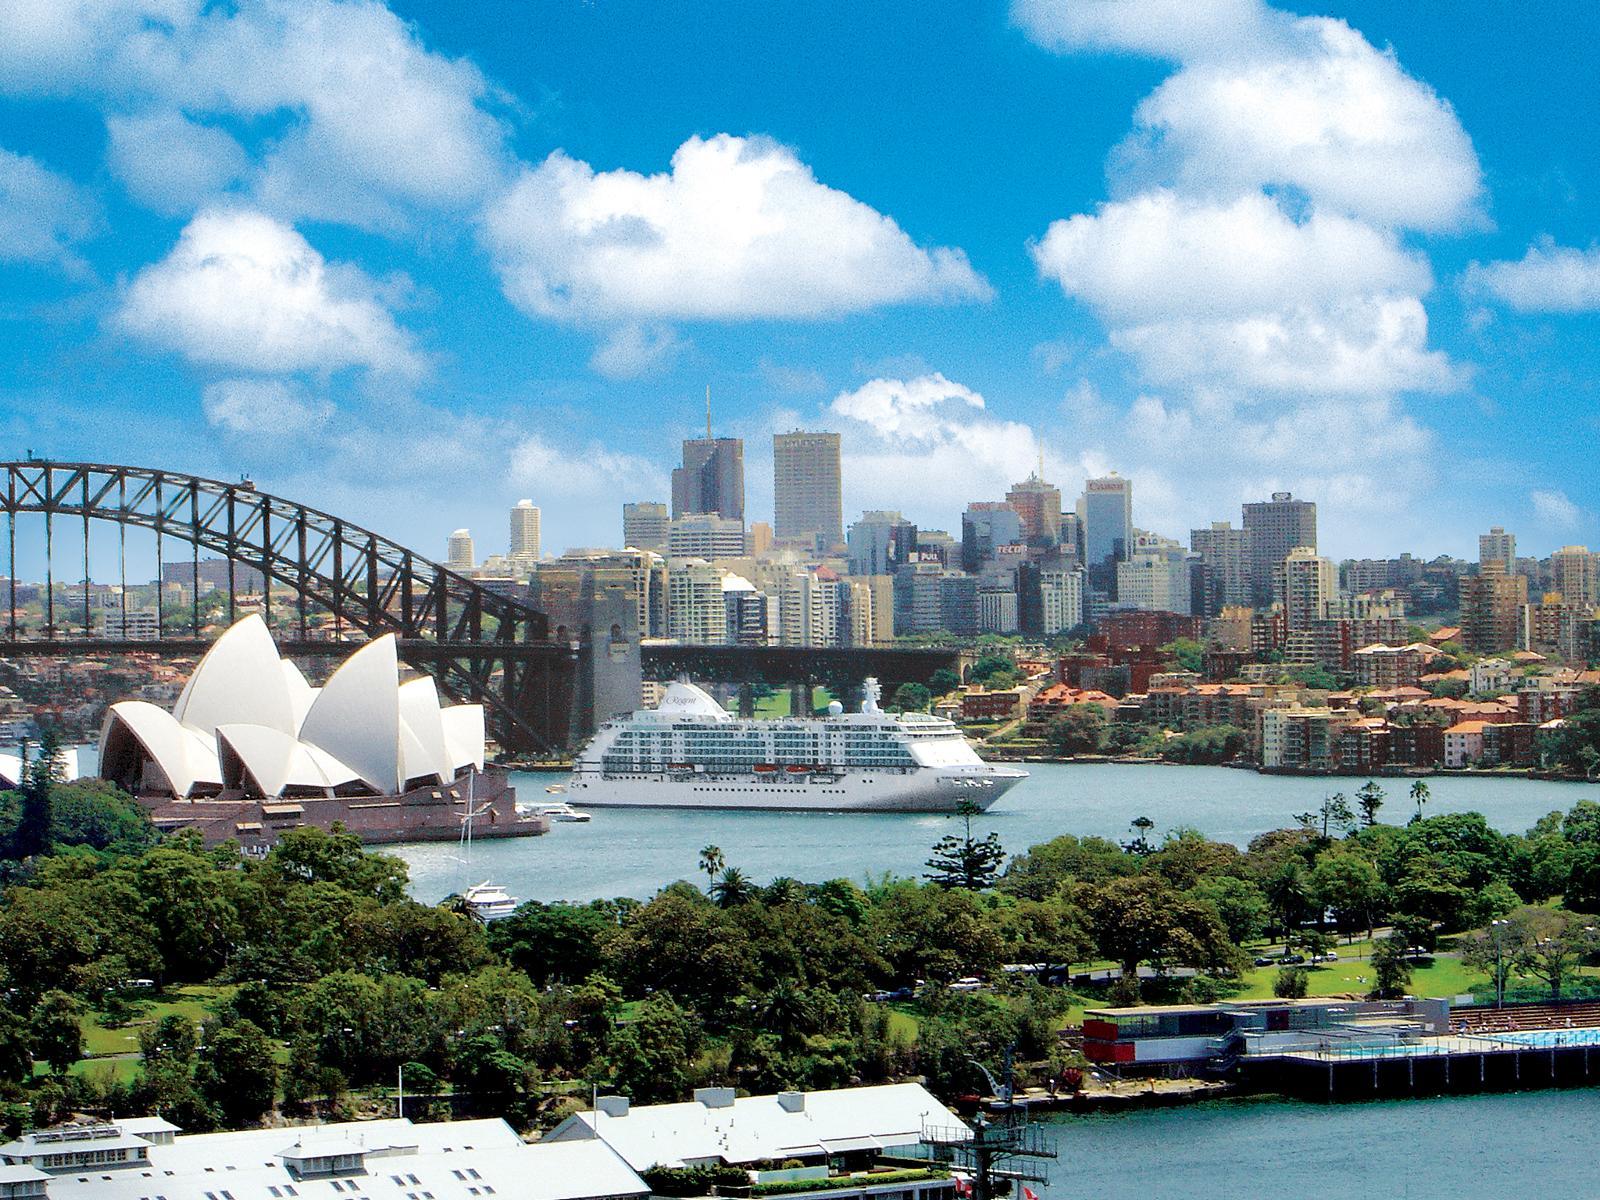 Die Regent Seven Seas Voyager im Hafen von Sydney